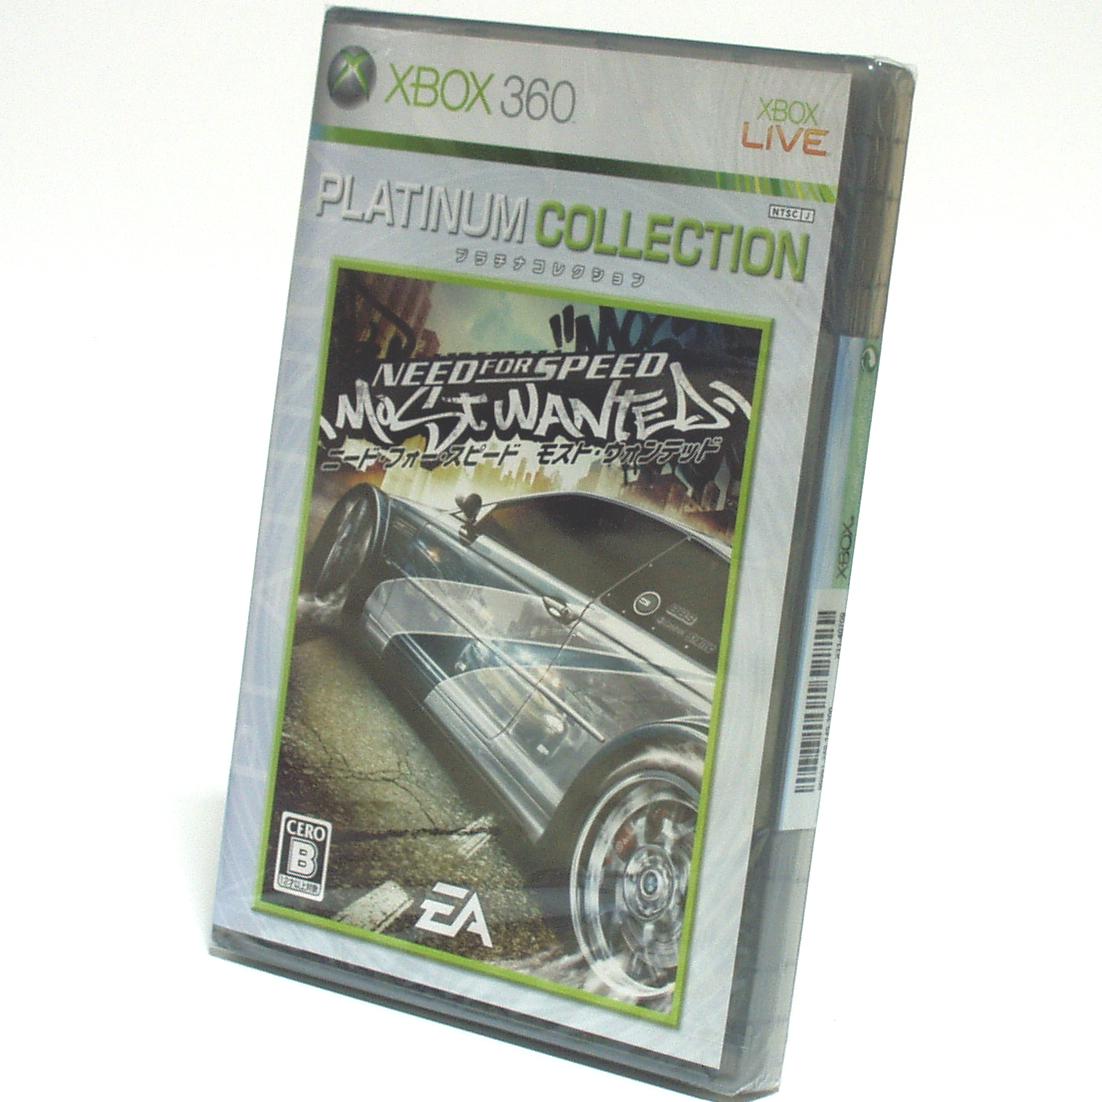 ■【未開封】ニード・フォー・スピード モスト・ウォンテッド Xbox360 プラチナコレクション NEED FOR SPEED: MOST WANTED EA ■ B1